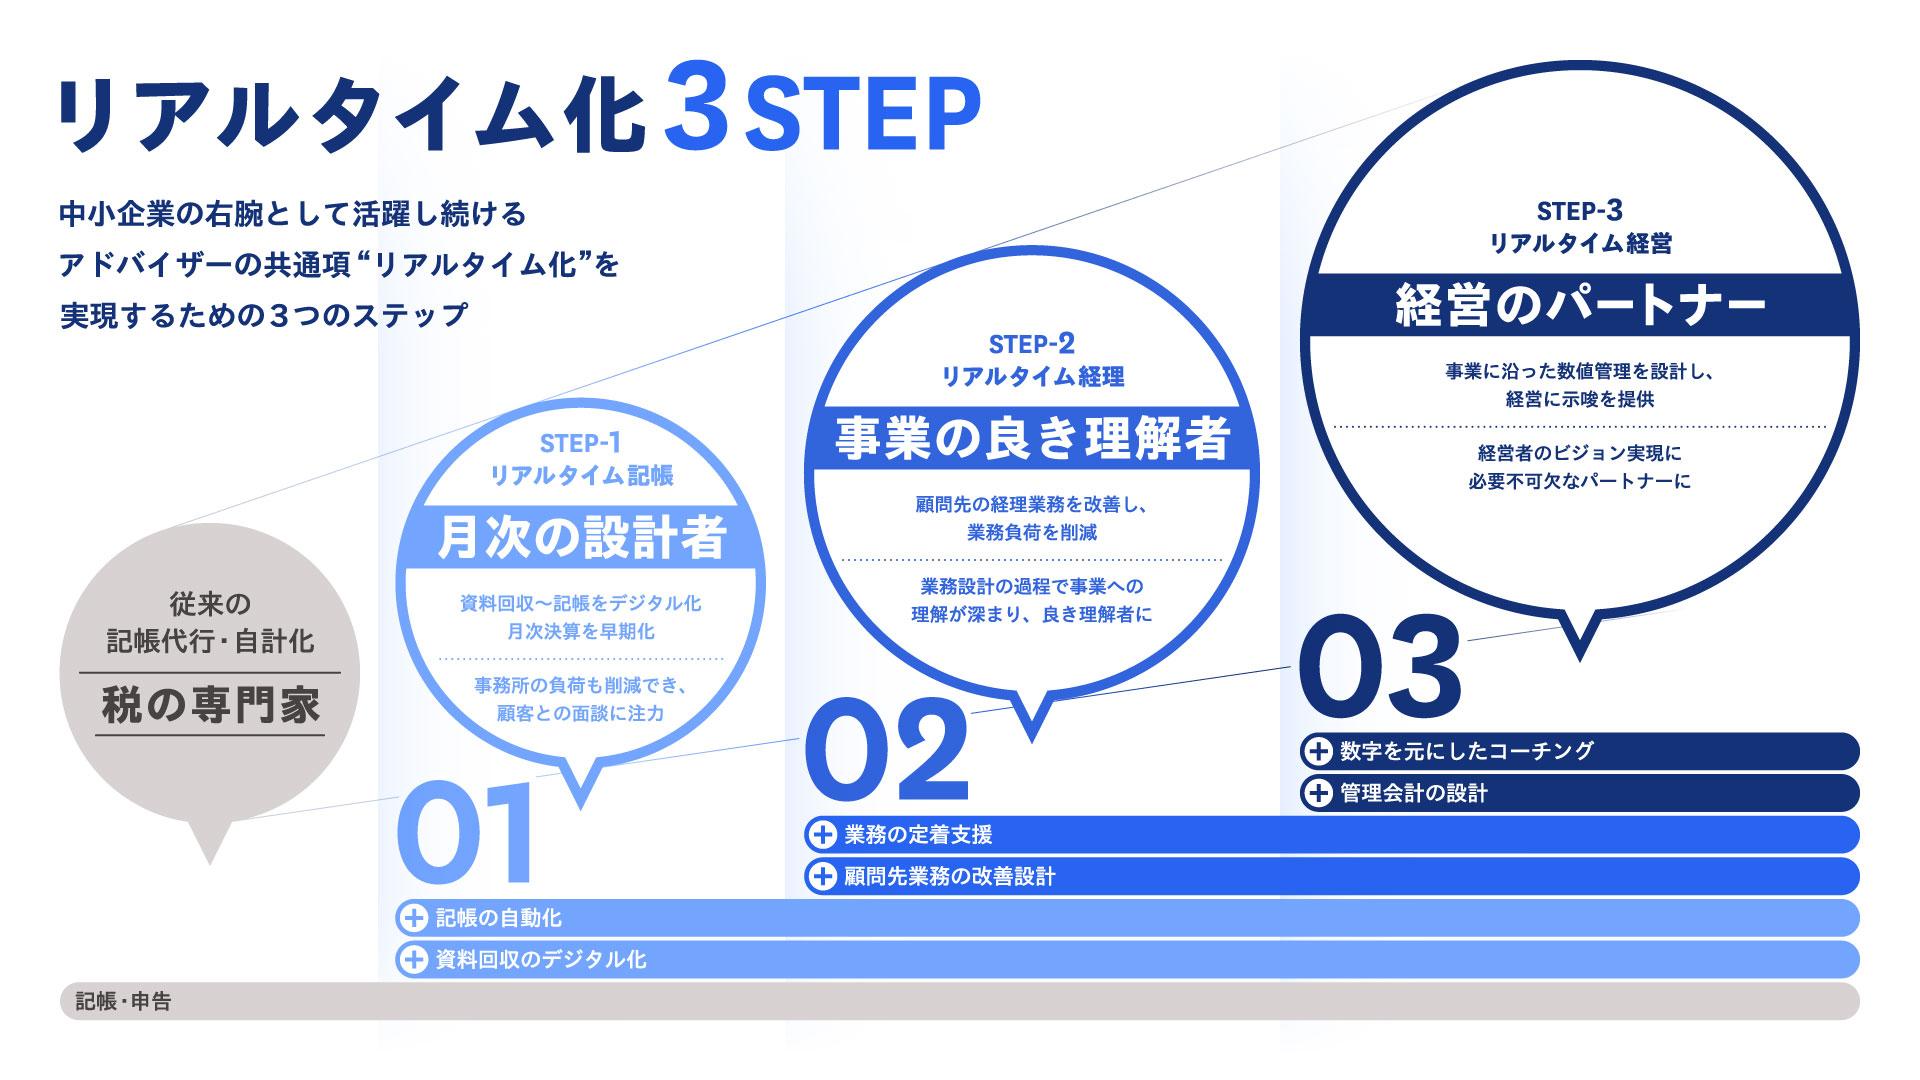 リアルタイム化 3 STEP